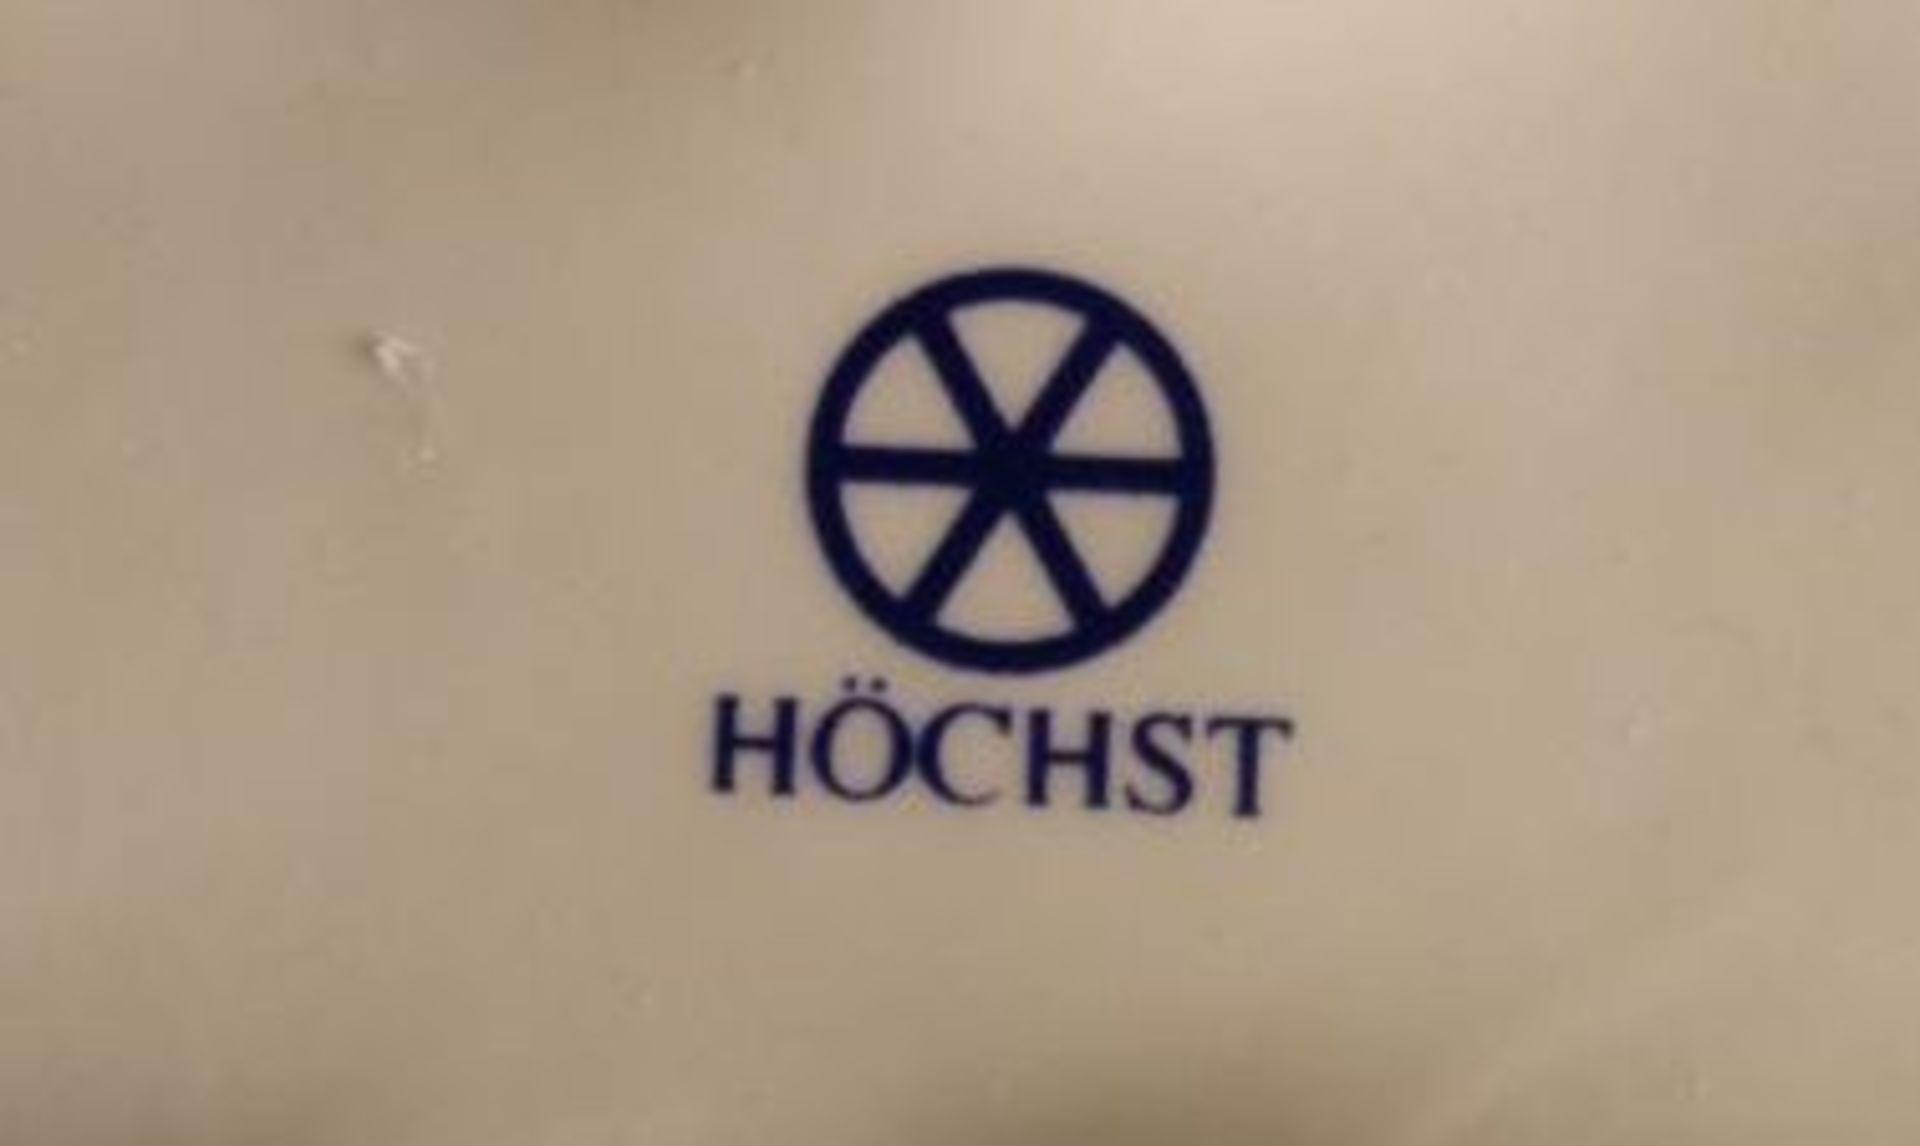 Los 1057 - 3 Teile Hummel, Höchst, Hundehütte, Zaun und Wagen mit Milchkanne, je in OVP, ca. H-10cm